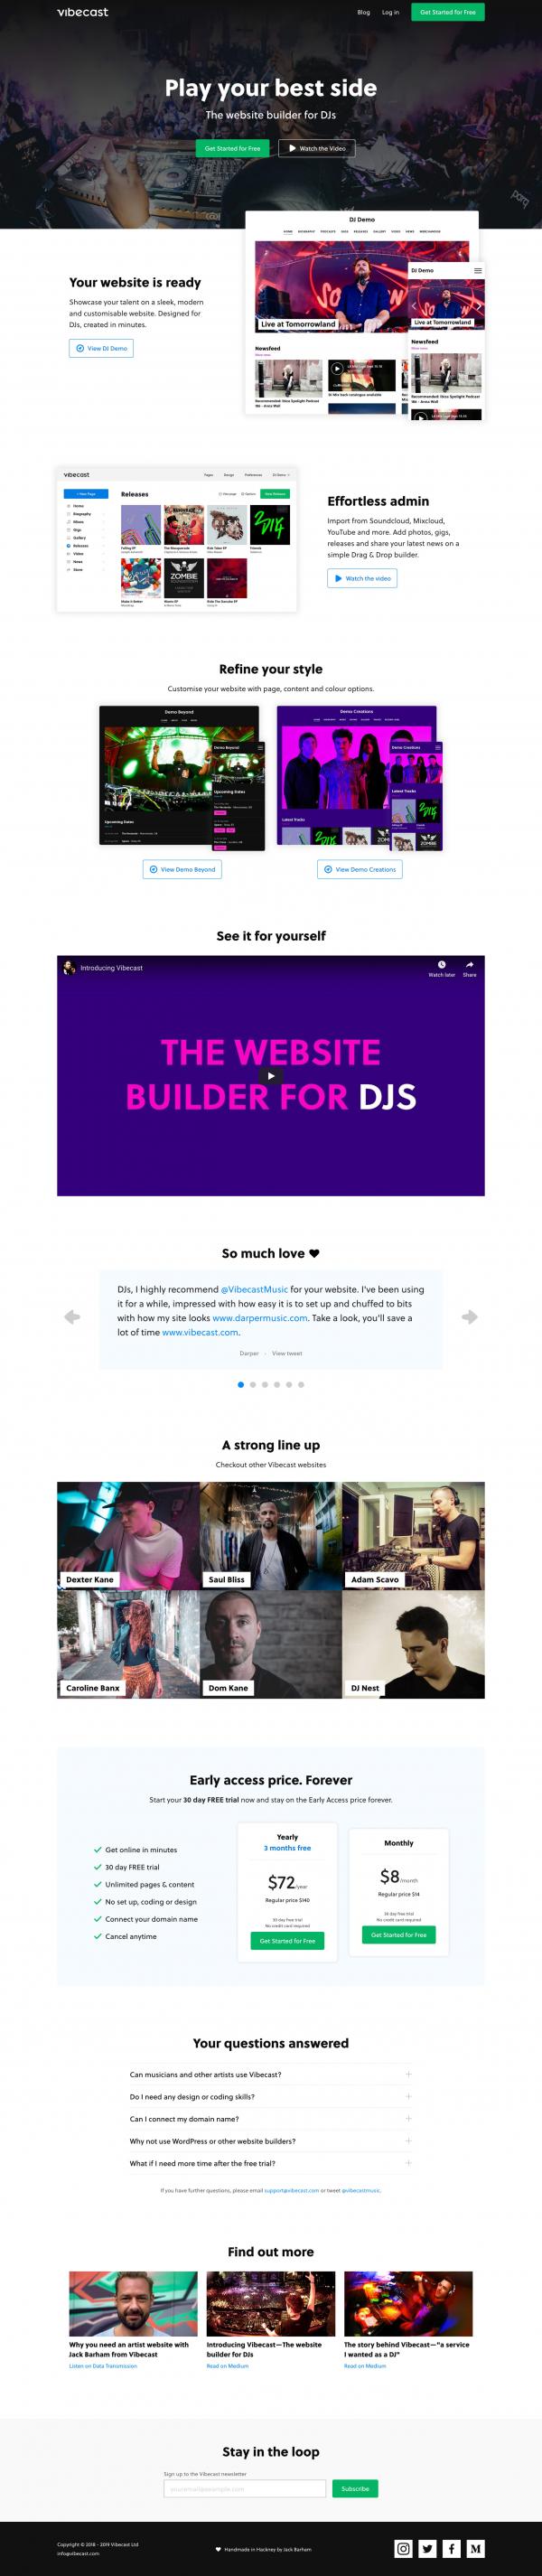 Website Inspiration: Vibecast